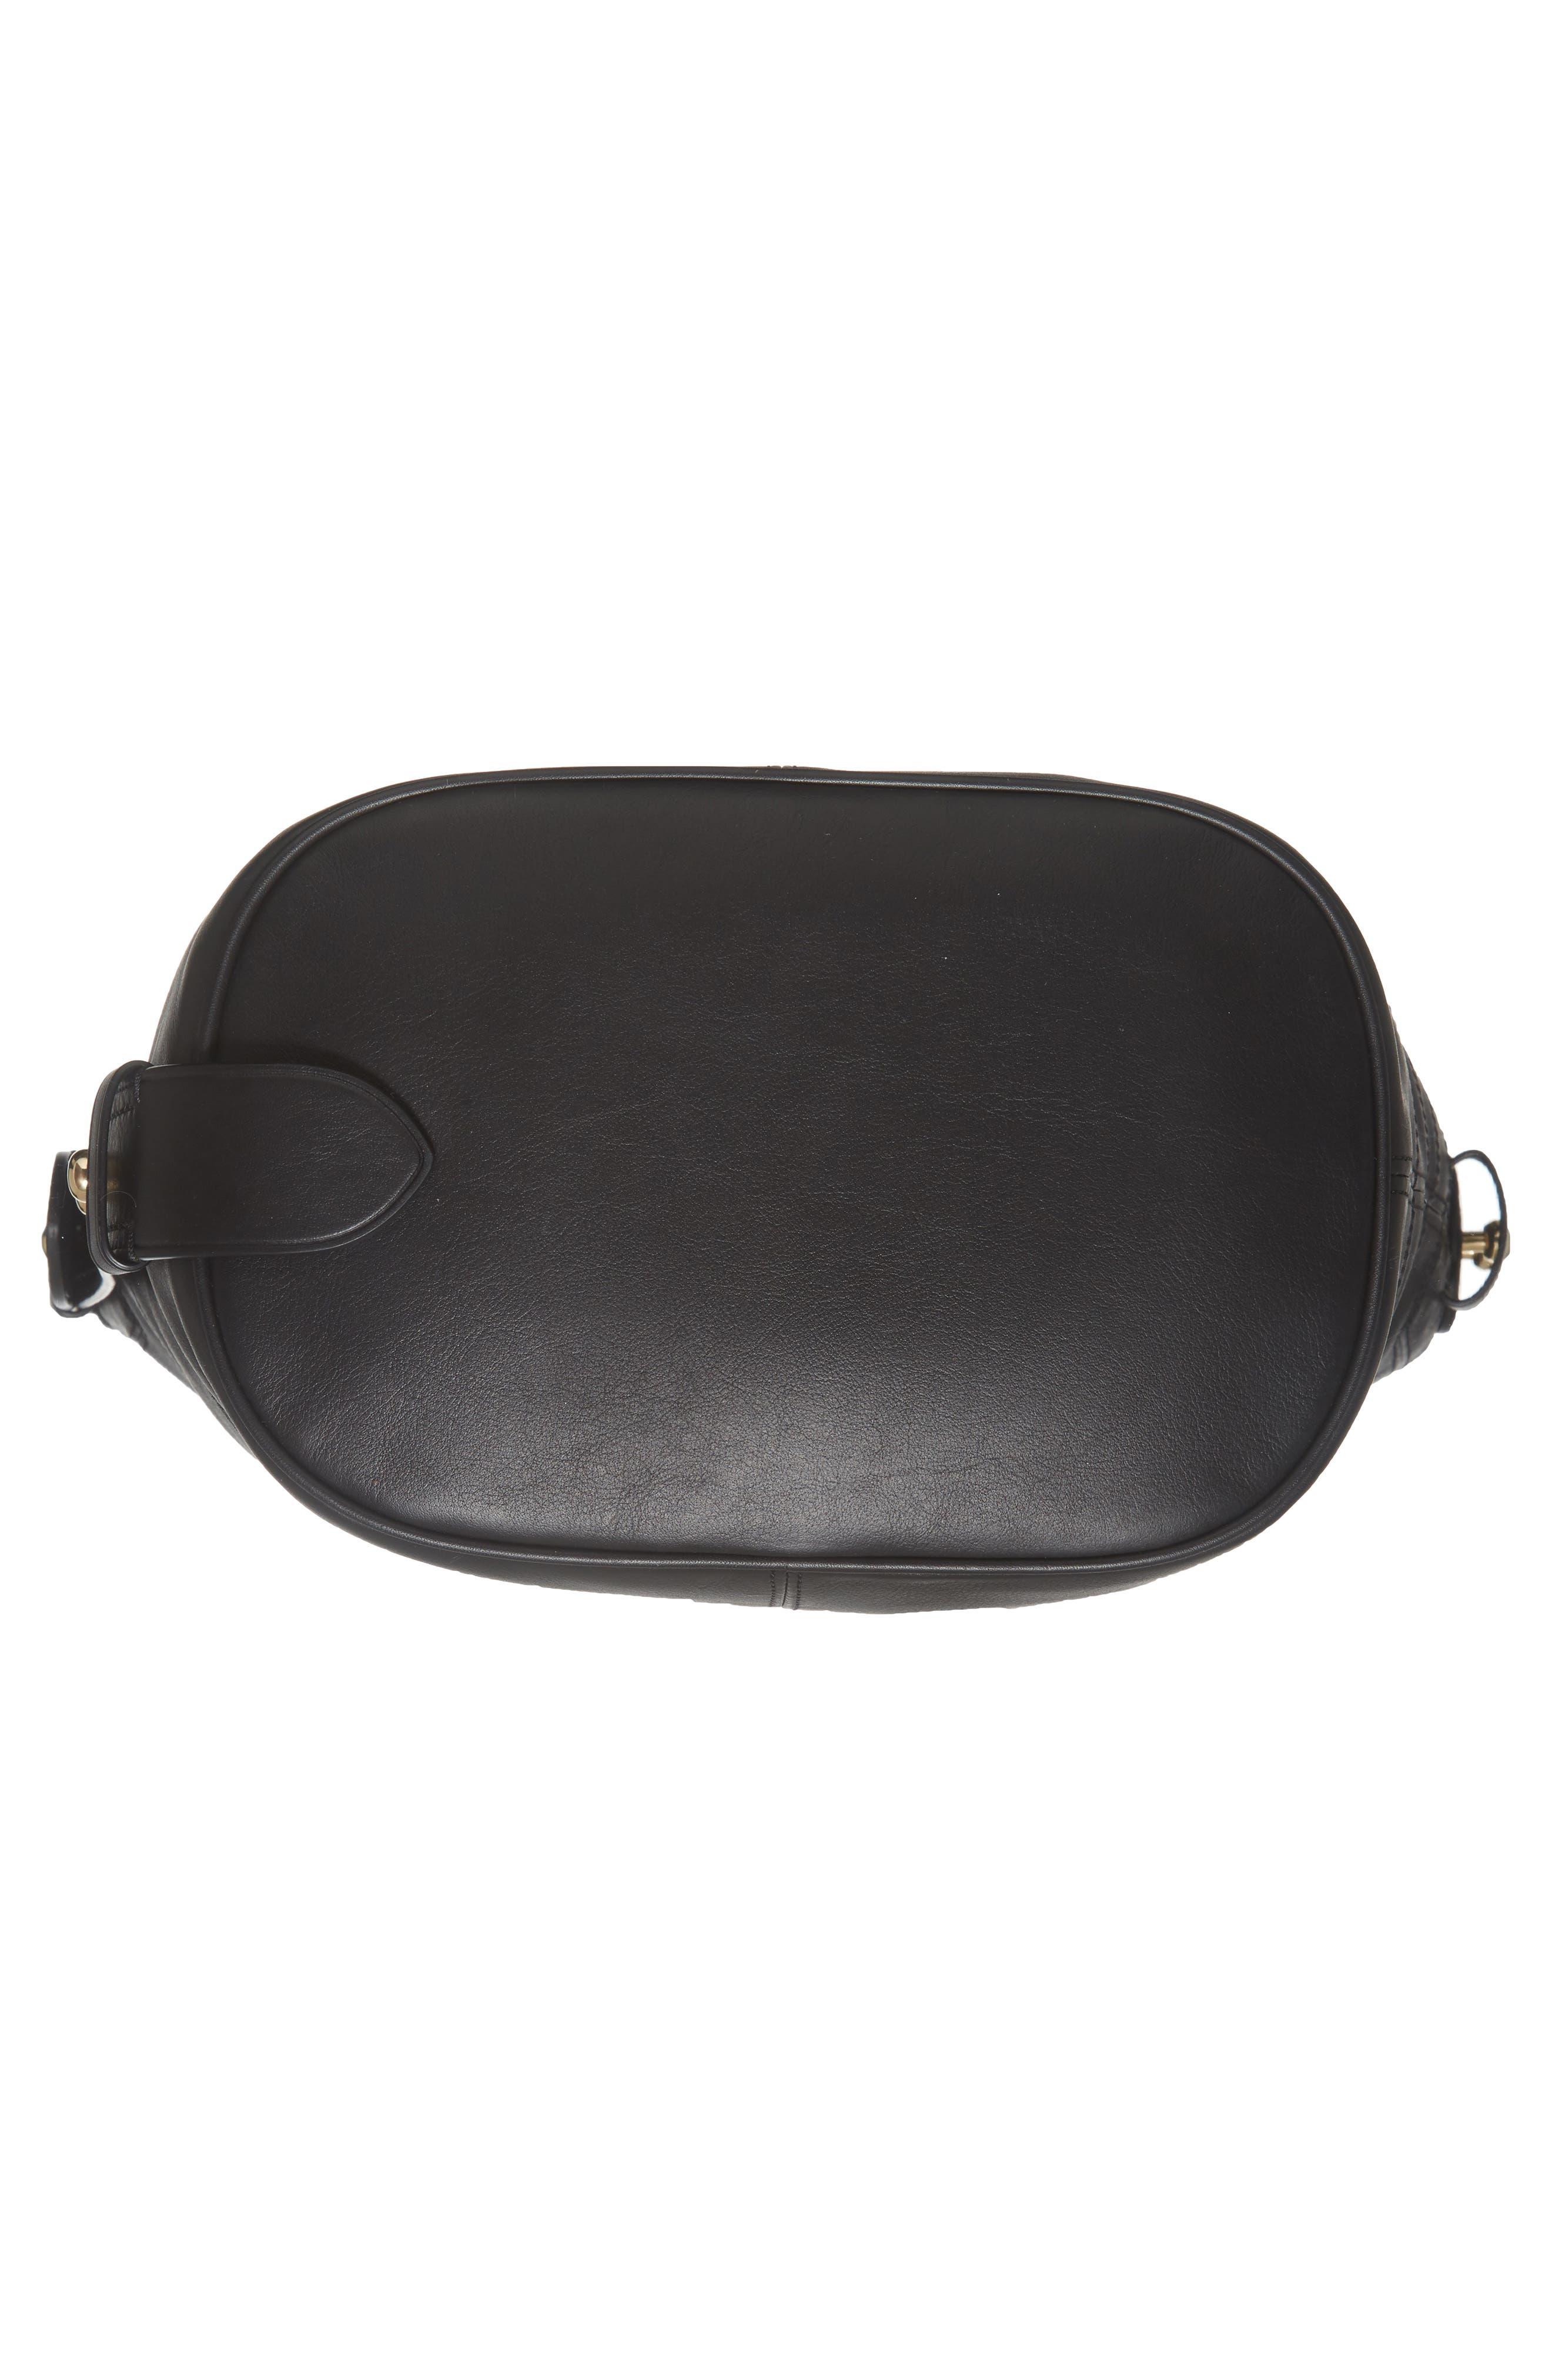 The Sling Mod Leather Hobo/Crossbody/Sling Bag,                             Alternate thumbnail 6, color,                             001